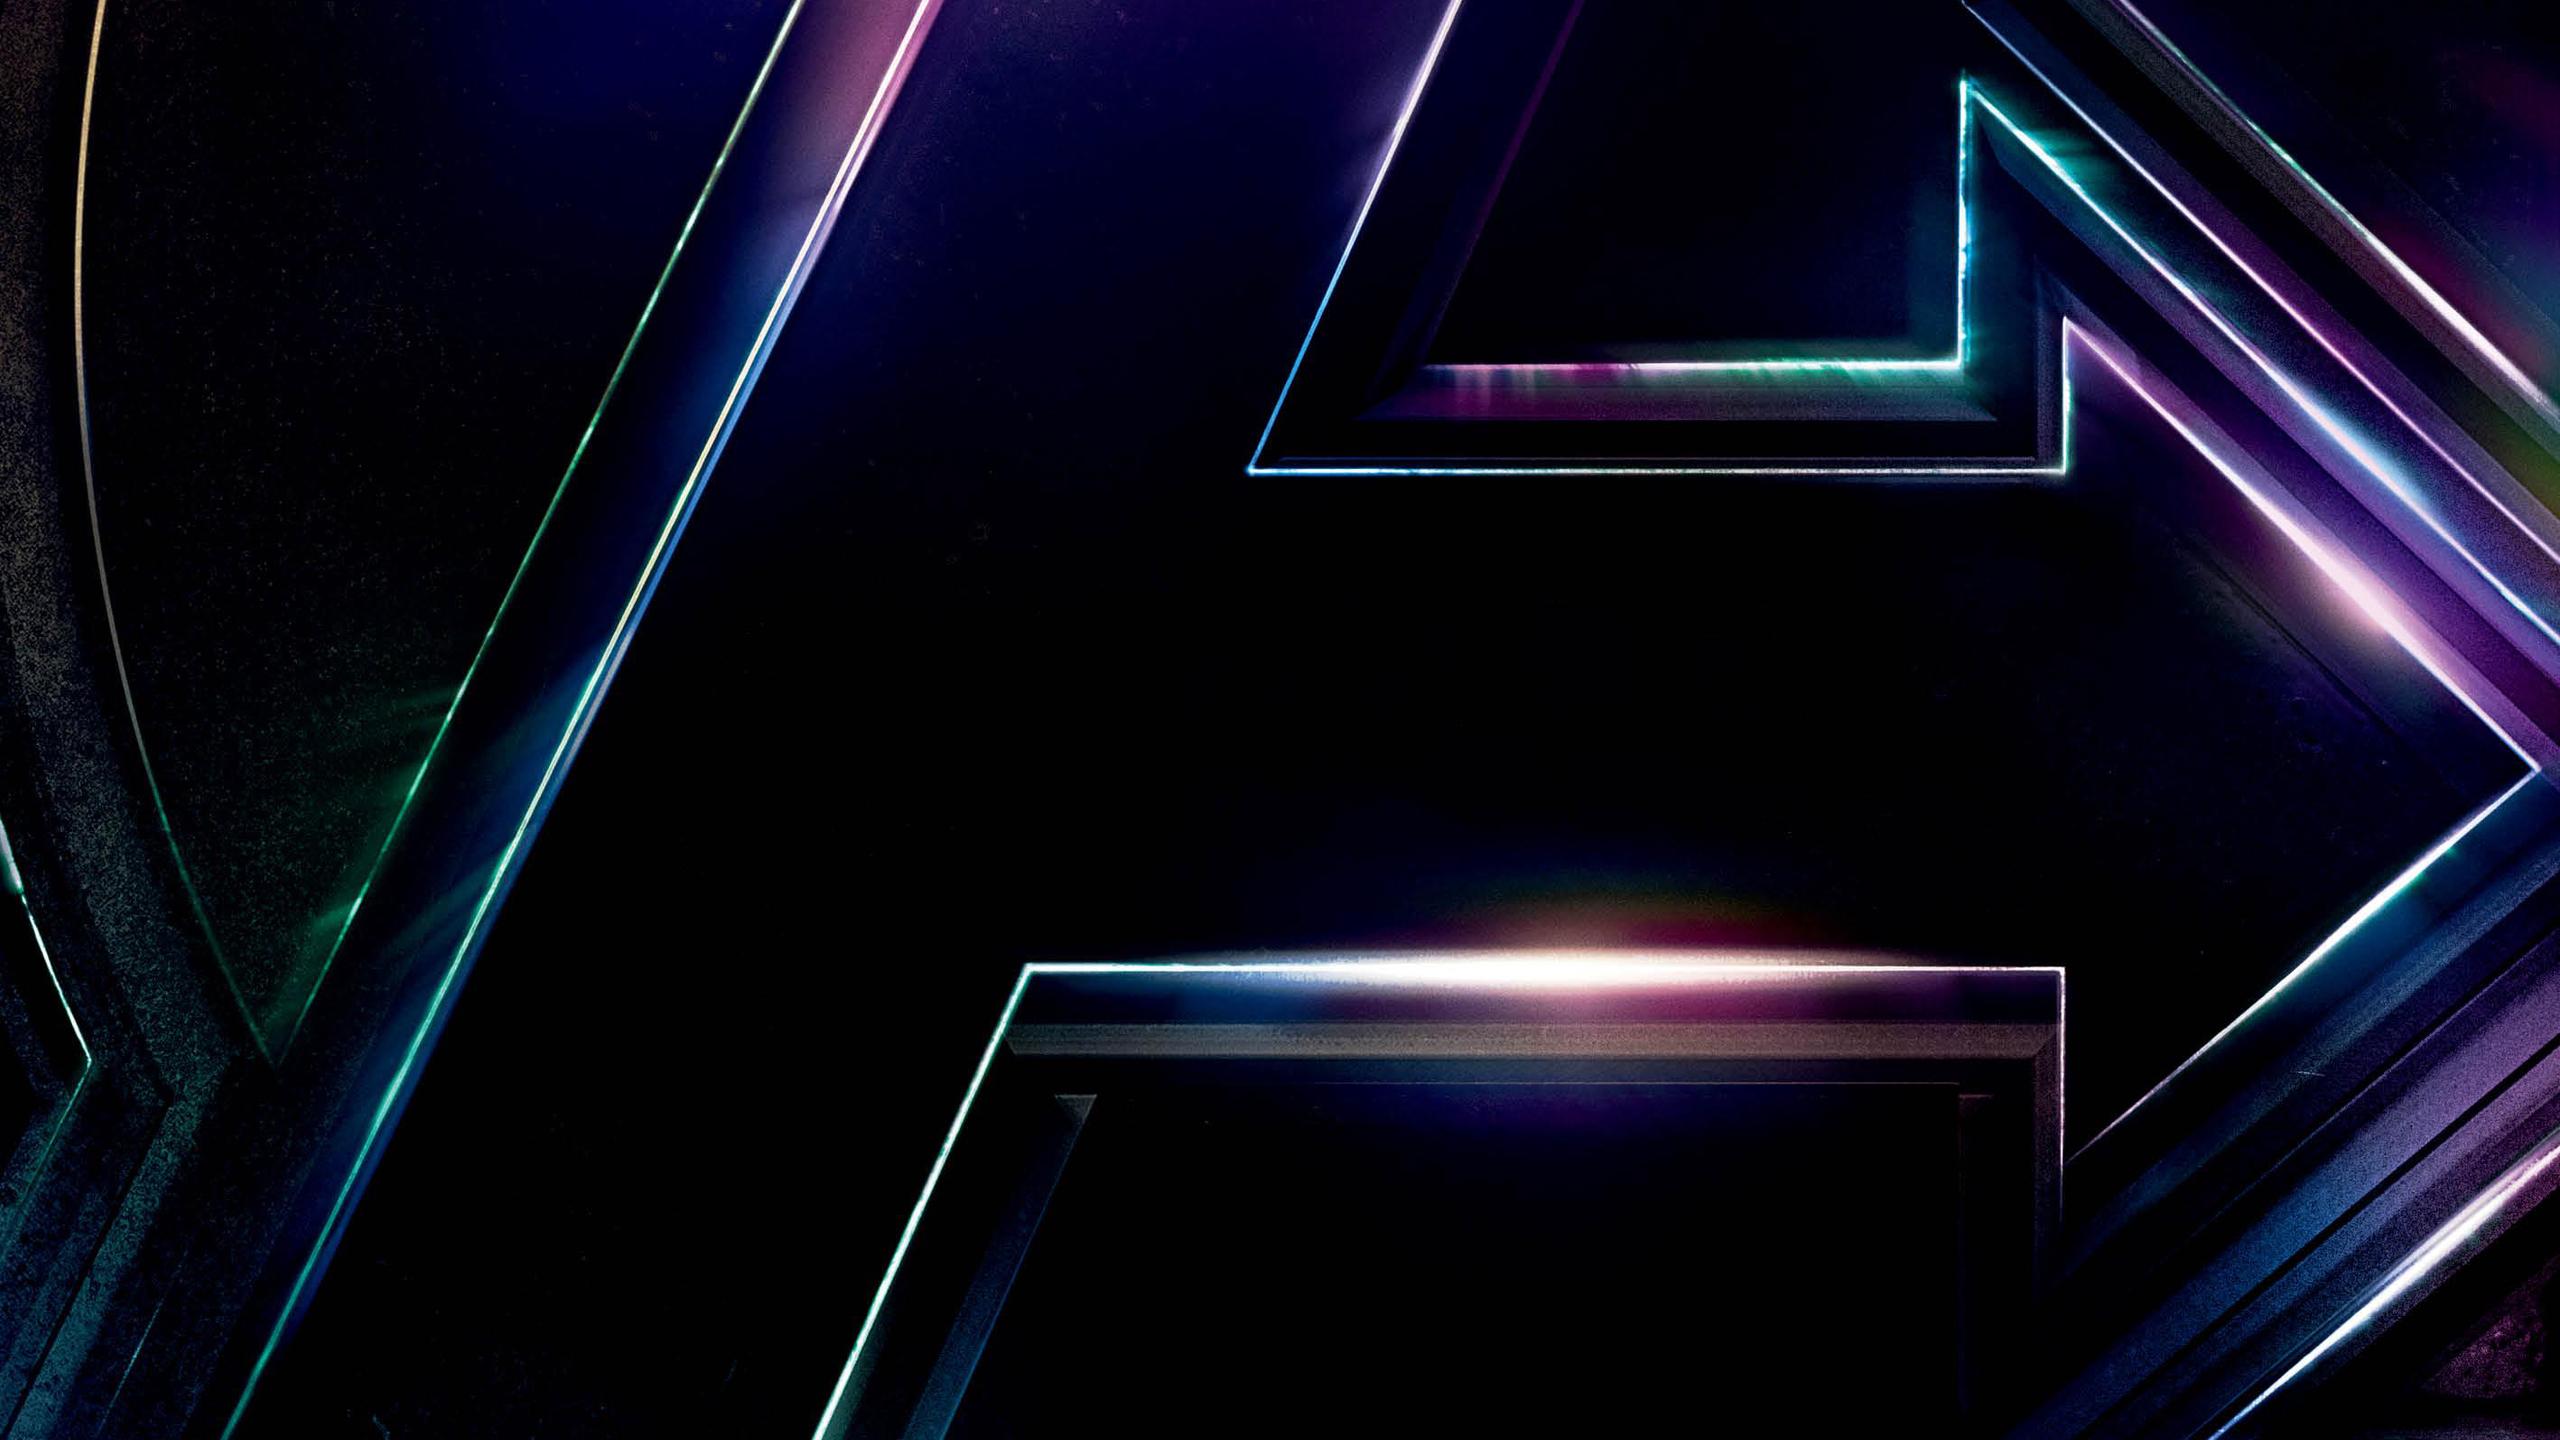 2560x1440 avengers infinity war 2018 logo poster 1440p - Avengers a logo 4k ...